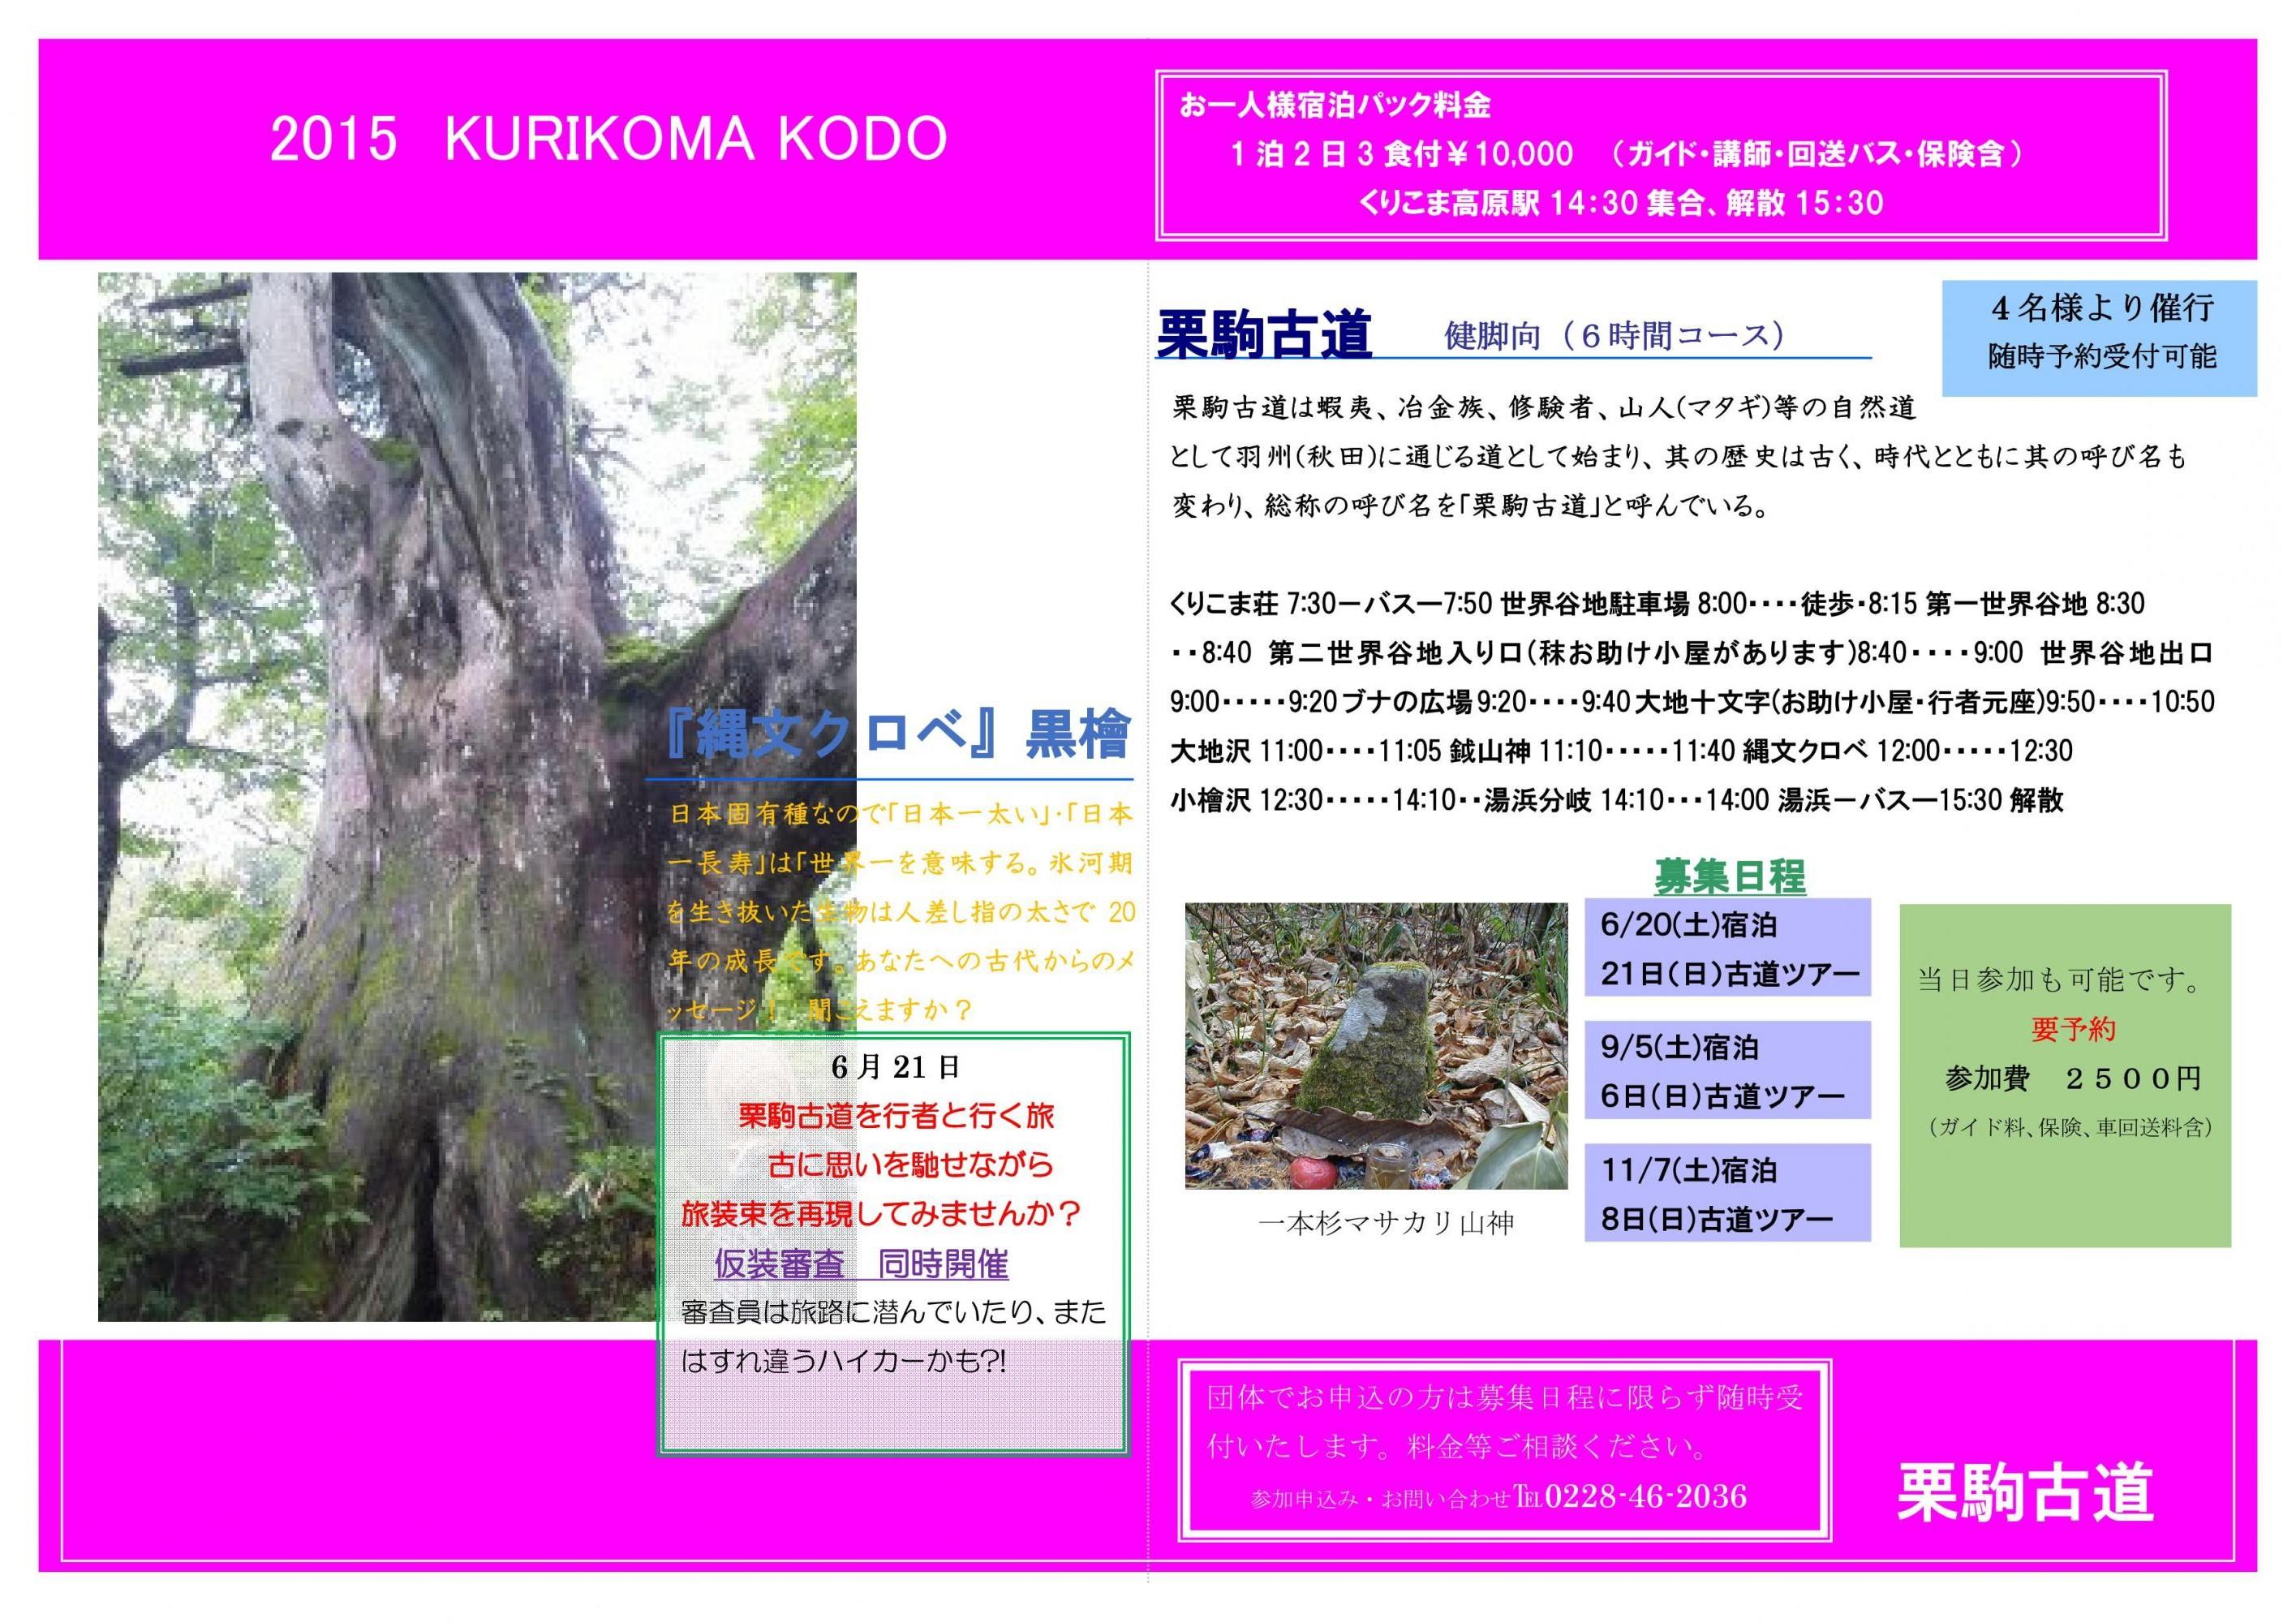 栗駒古道トレイル0150512-002_convert_20150521161213